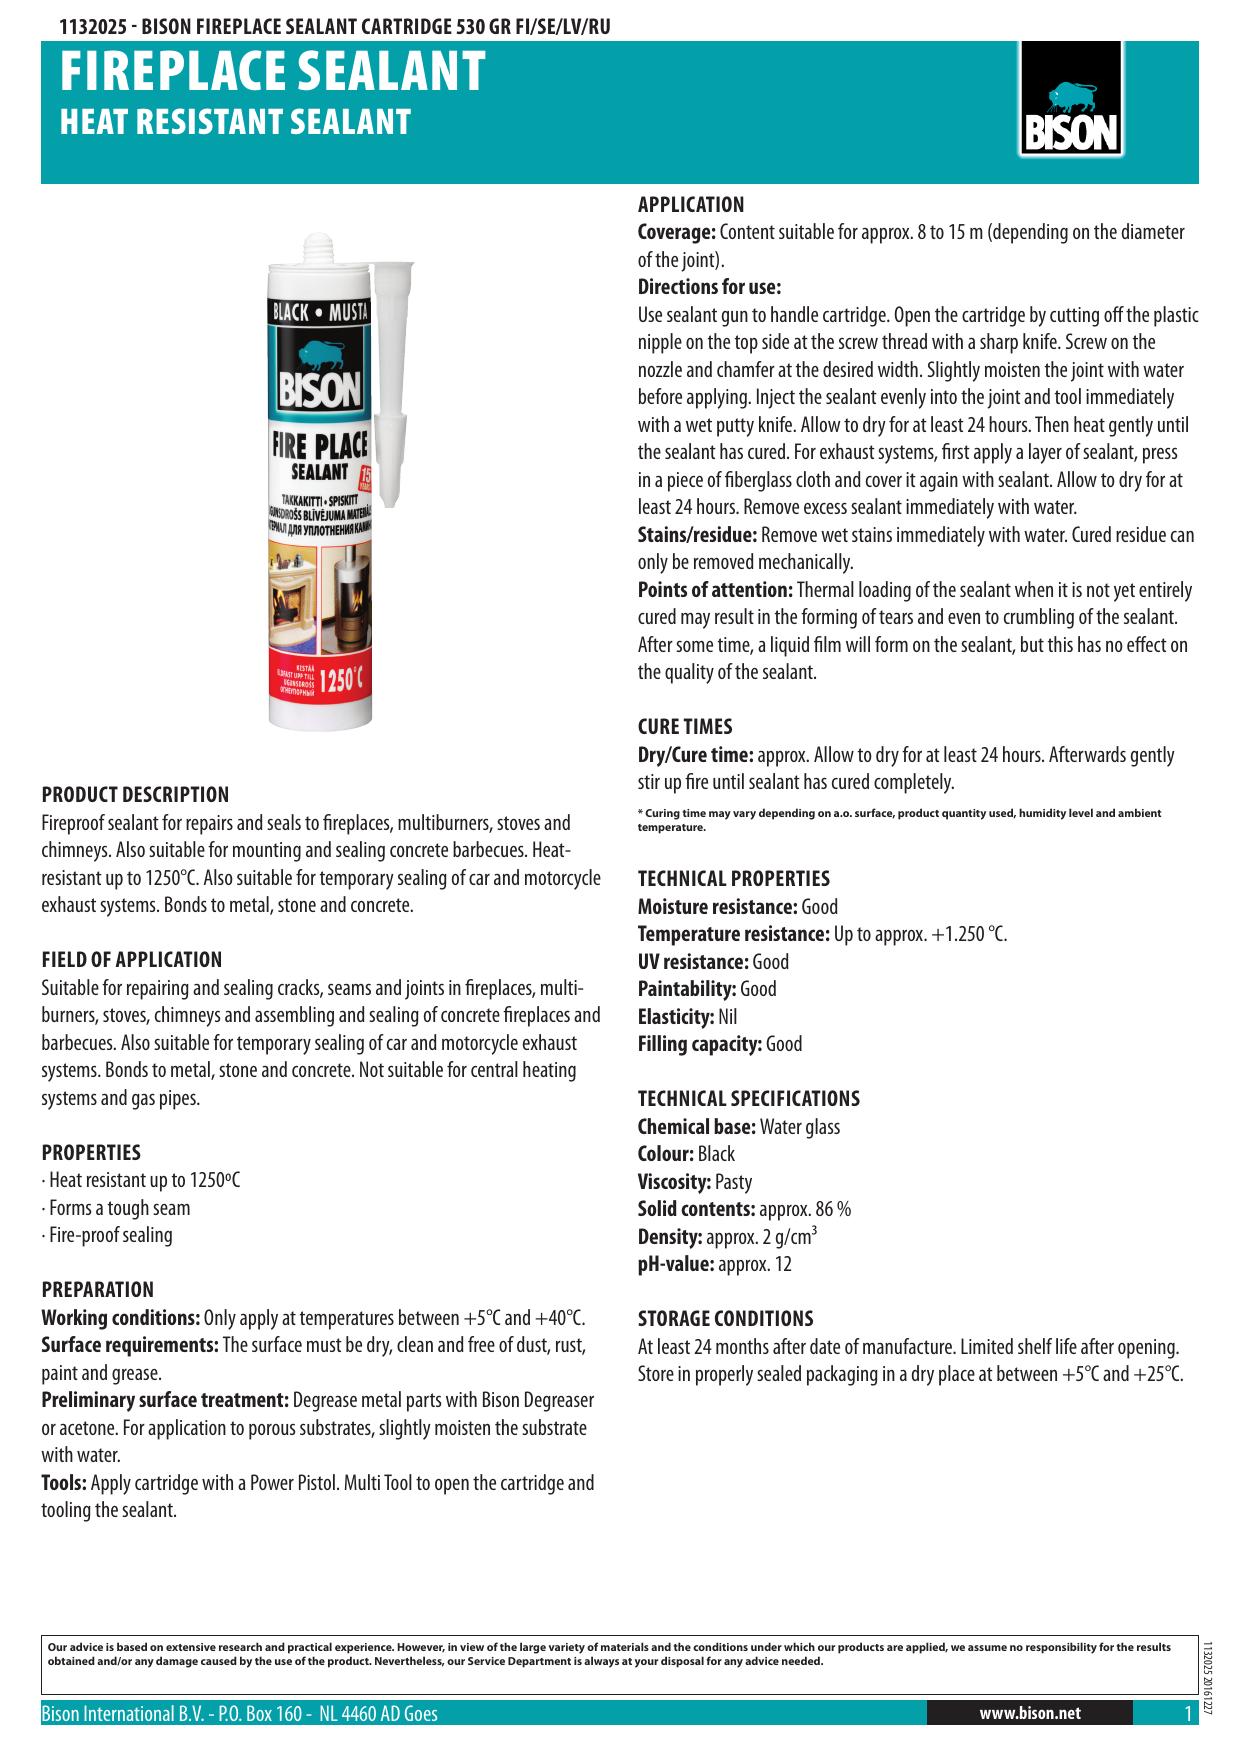 Fireplace Sealant Manualzz